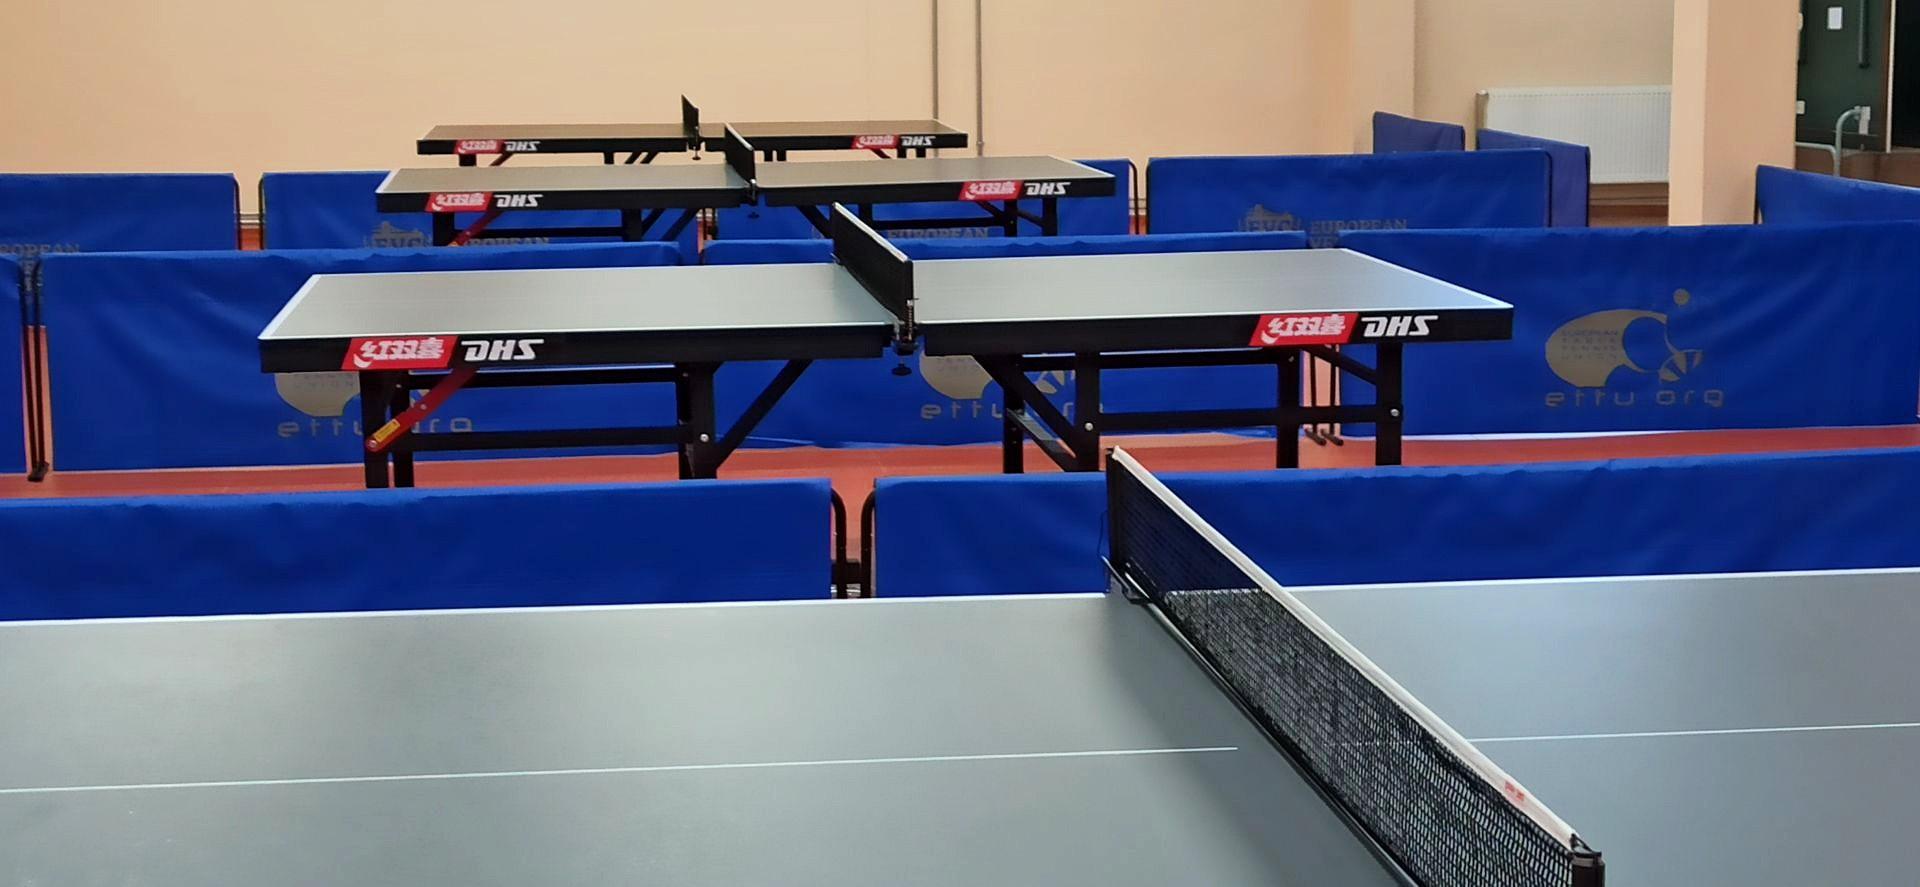 <a href='https://asztaliteniszezz.hu/teremnyilvntarts/csepeli-pingpong-club/'>Csepeli Pingpong Club</a>